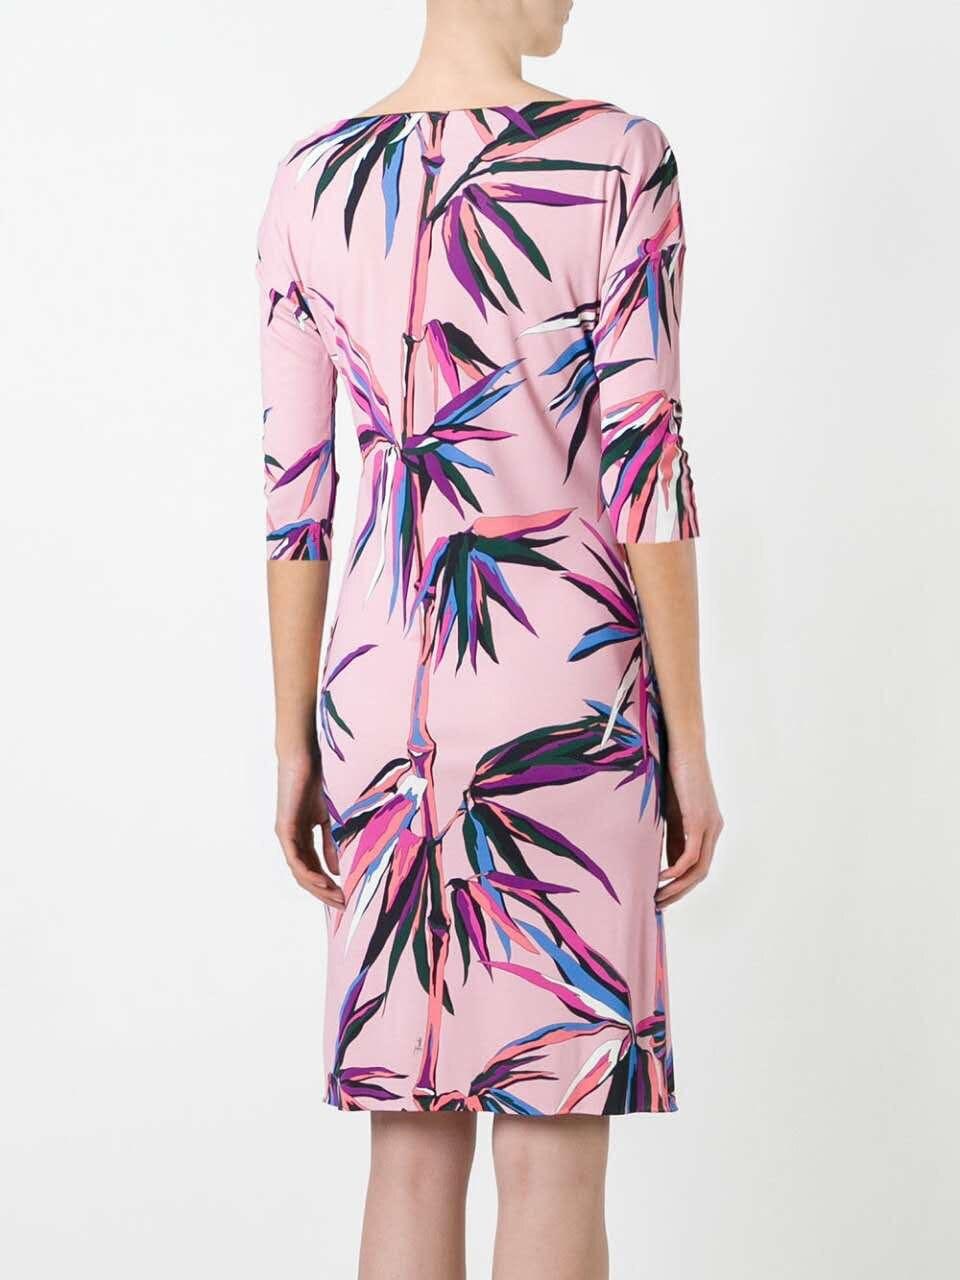 Nowy mody 2017 lato projektant luksusowe kobiety jest Slach szyi geometryczne druku 3/4 z długim rękawem Plus rozmiar XXL Stretch Jersey sukienka jedwabna w Suknie od Odzież damska na  Grupa 2